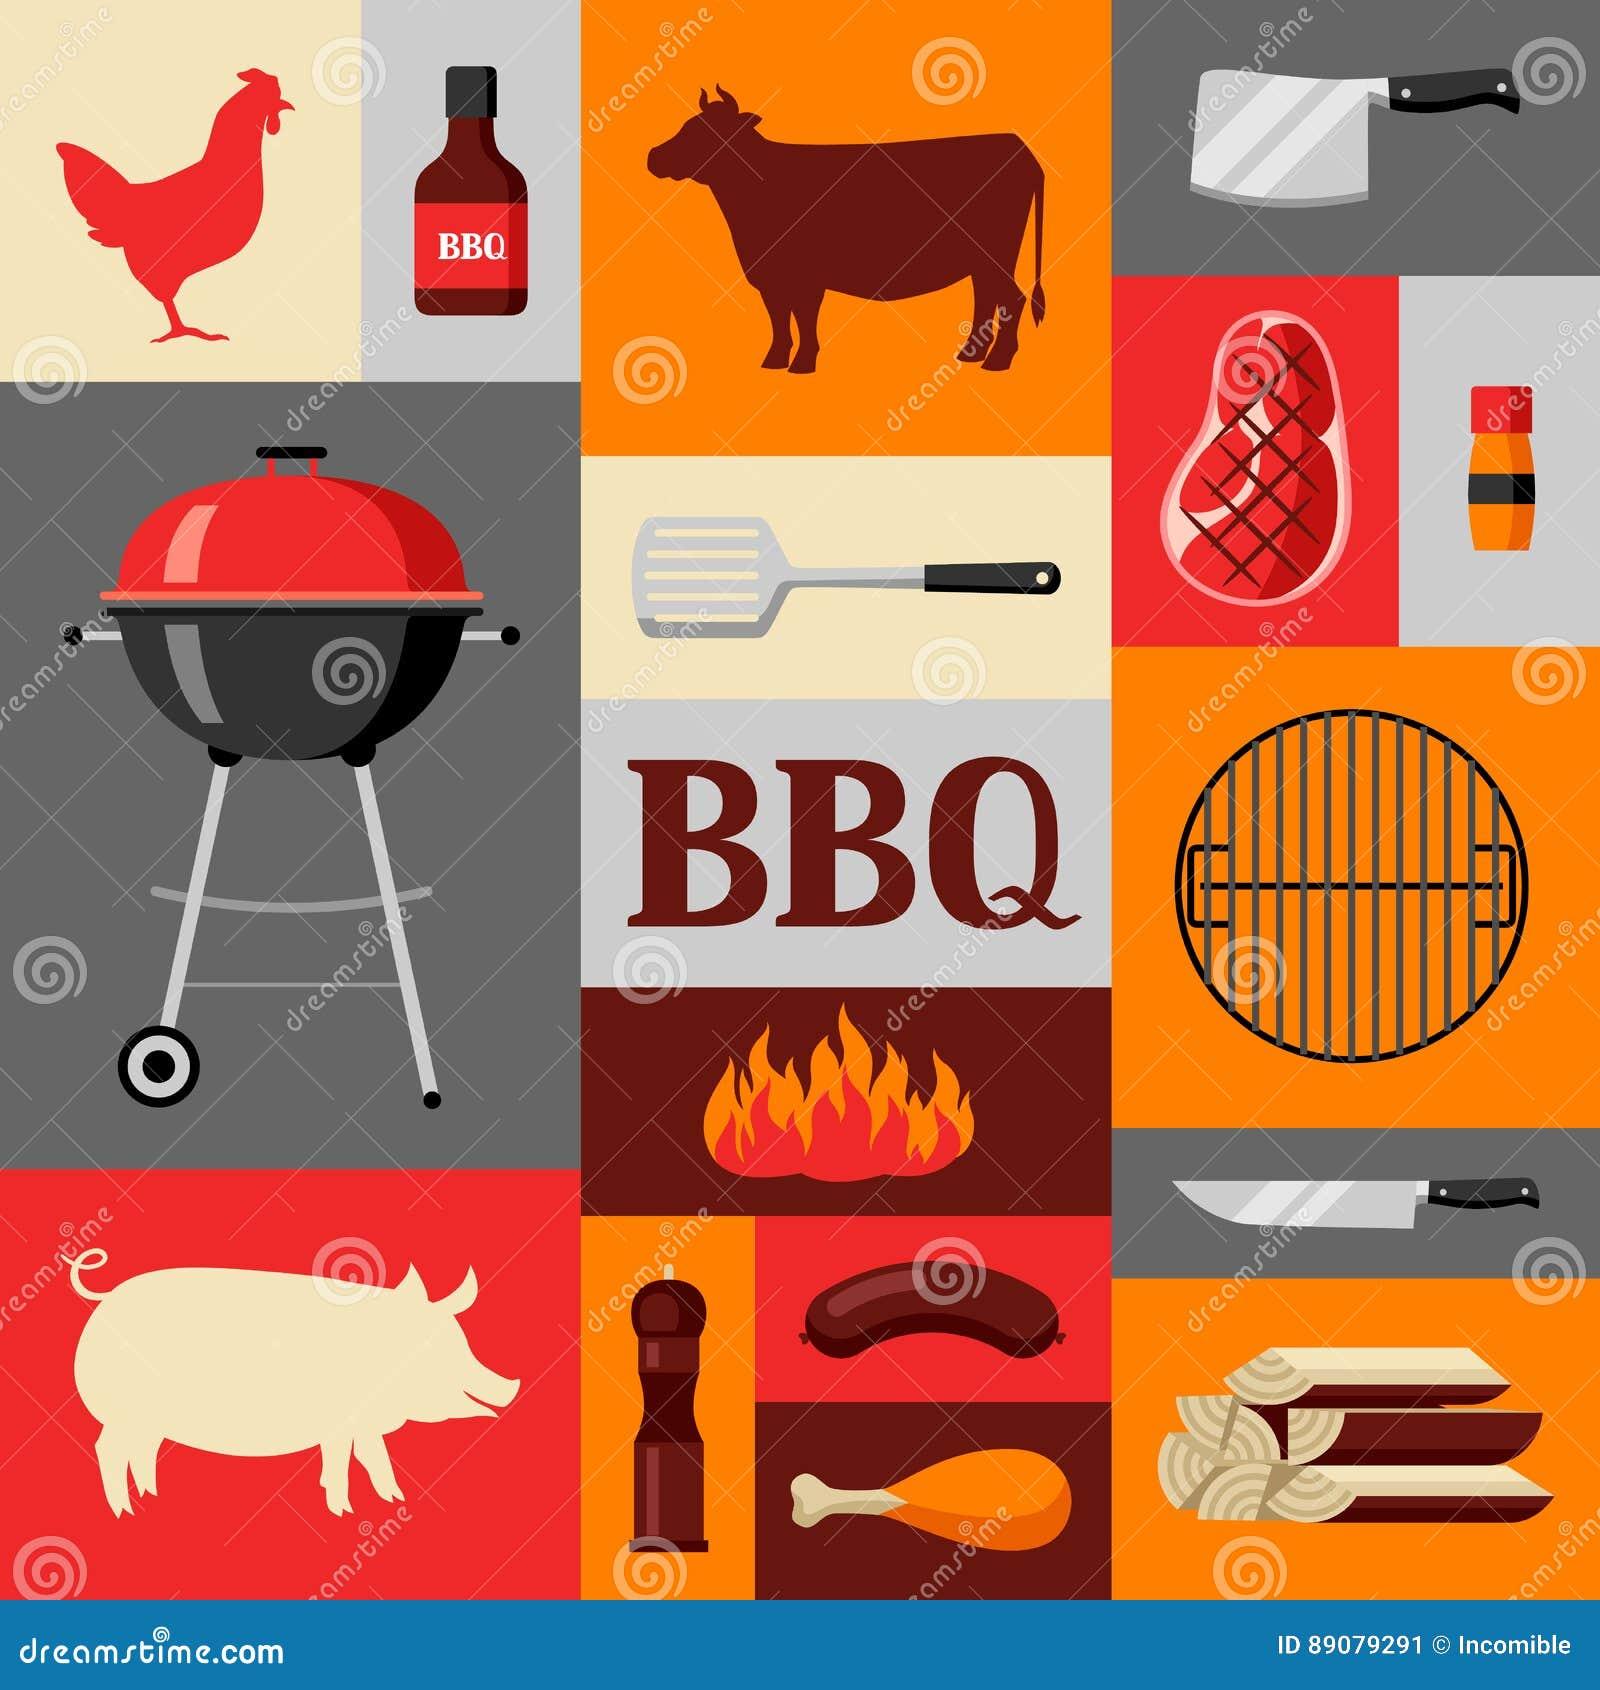 Bbq tło z grill ikonami i przedmiotami